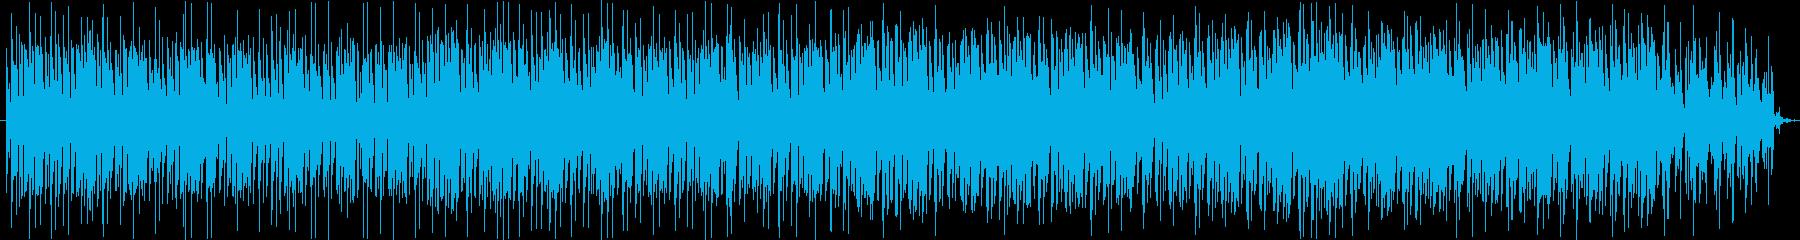 シリアスで緊張感のあるテクノの再生済みの波形